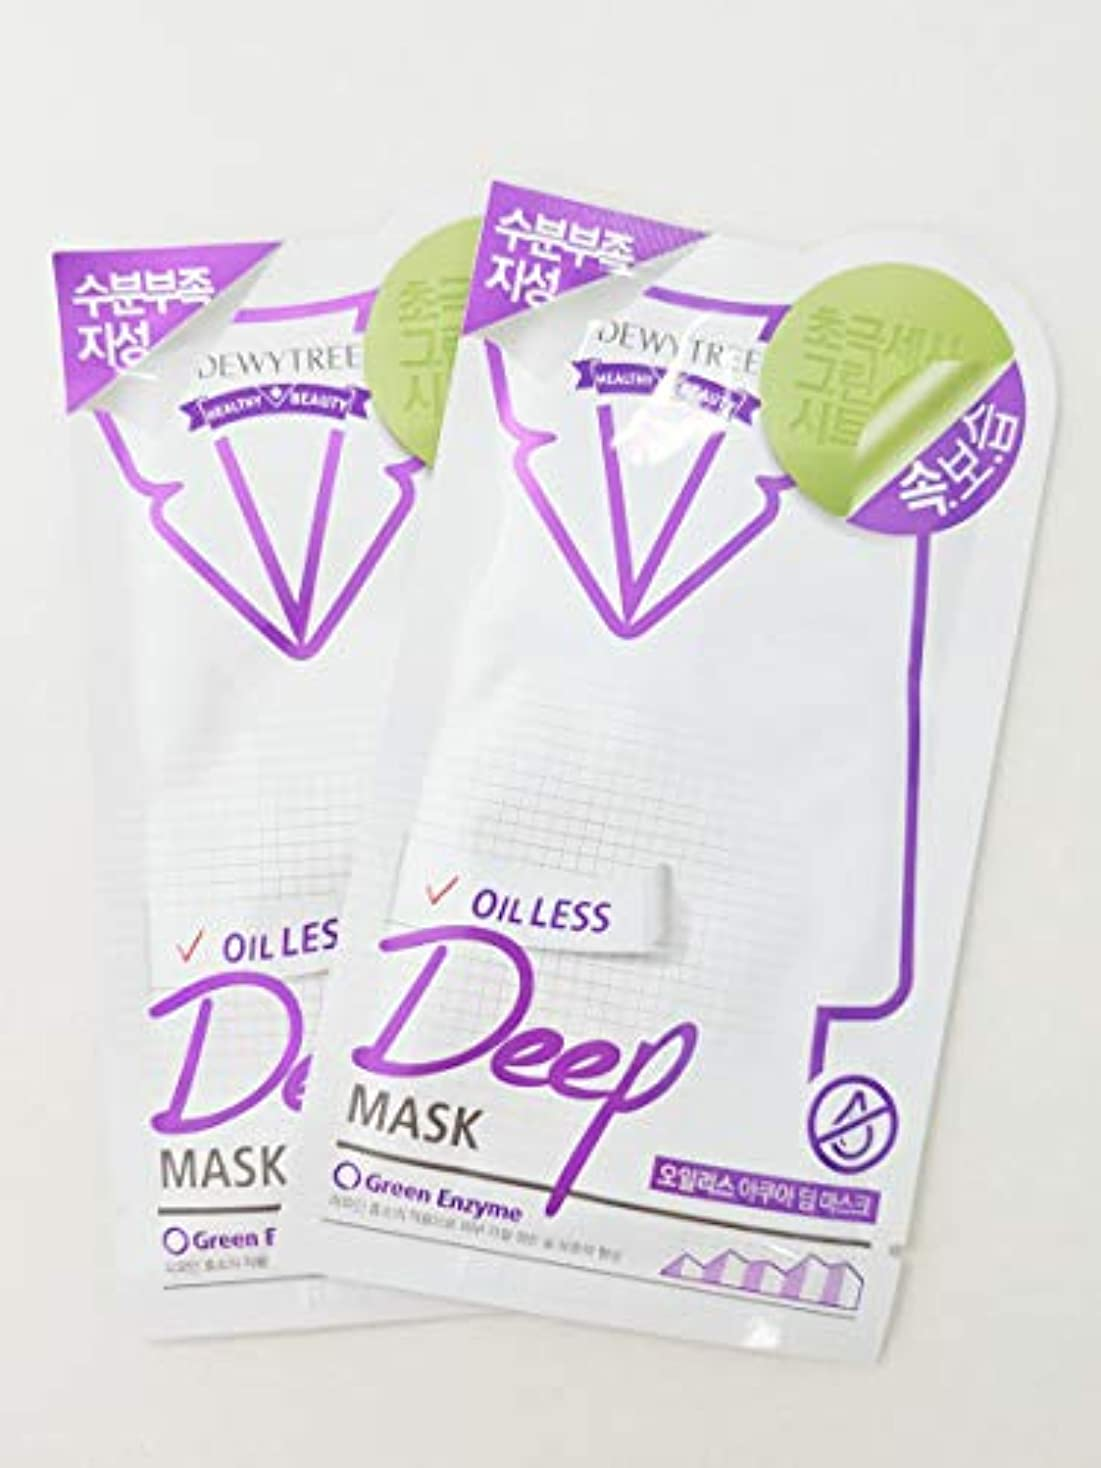 (デューイトゥリー) DEWYTREE オイルレスアクアディープマスク 20枚 Oilless Aqua Dip Mask 韓国マスクパック (並行輸入品)